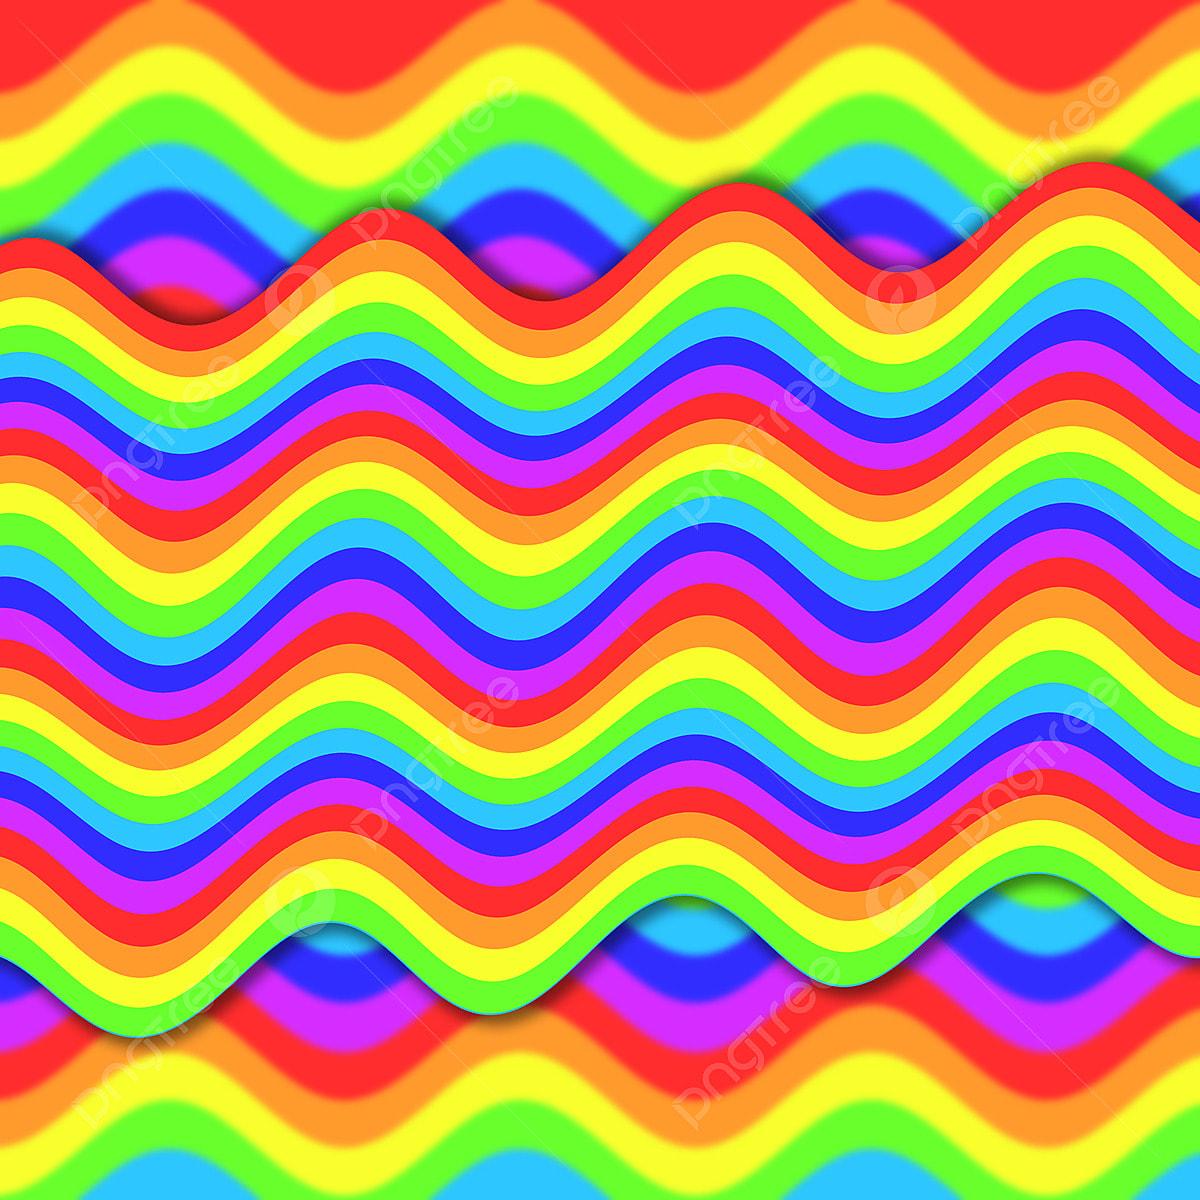 المموج قوس قزح عنصر الخلفية التوضيح متعدد الألوان قوس قزح هامش Png وملف Psd للتحميل مجانا